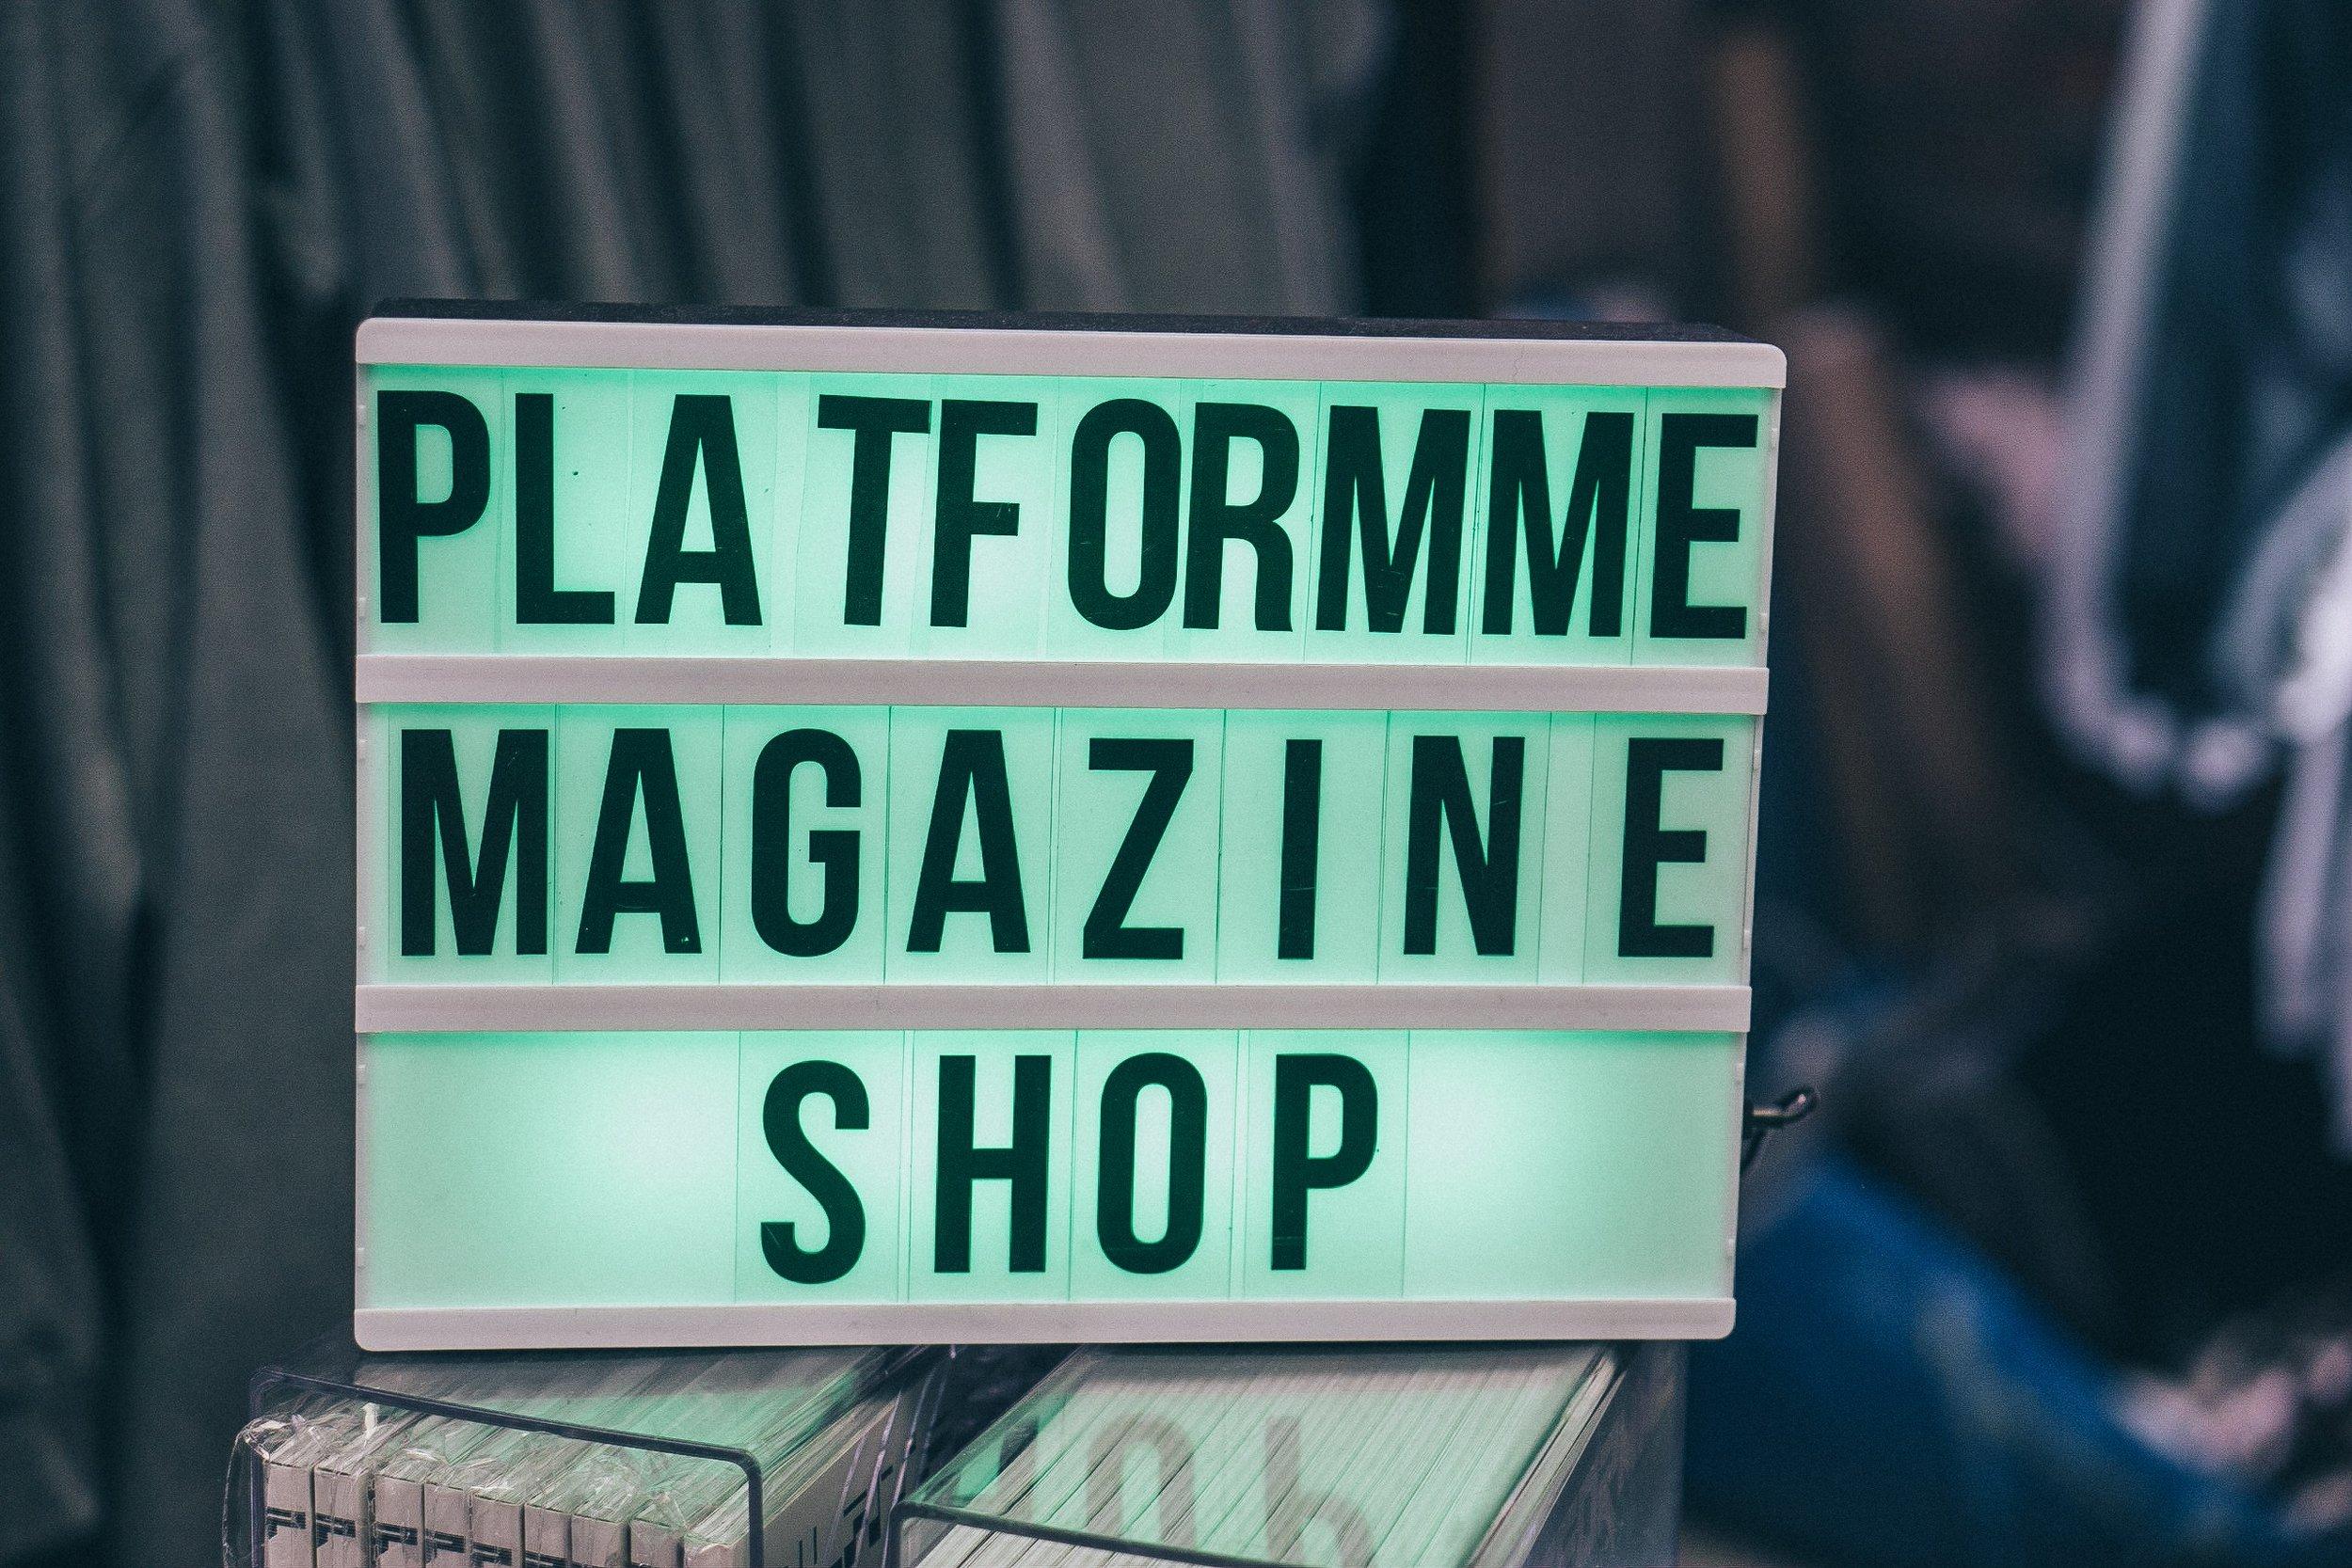 PLATFORMME SHOP